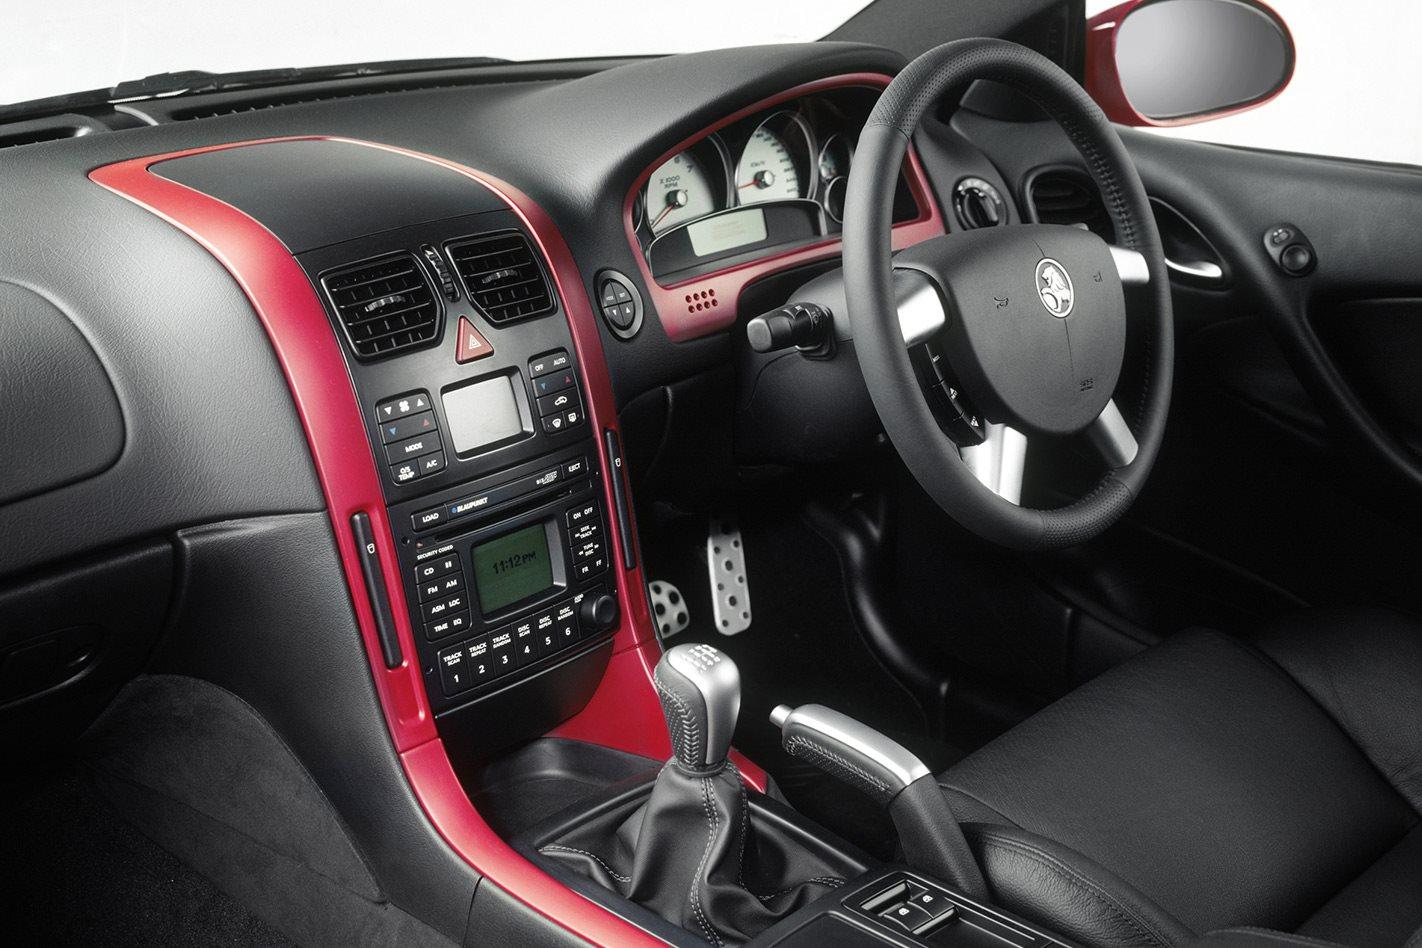 Holden Monaro Series III interior